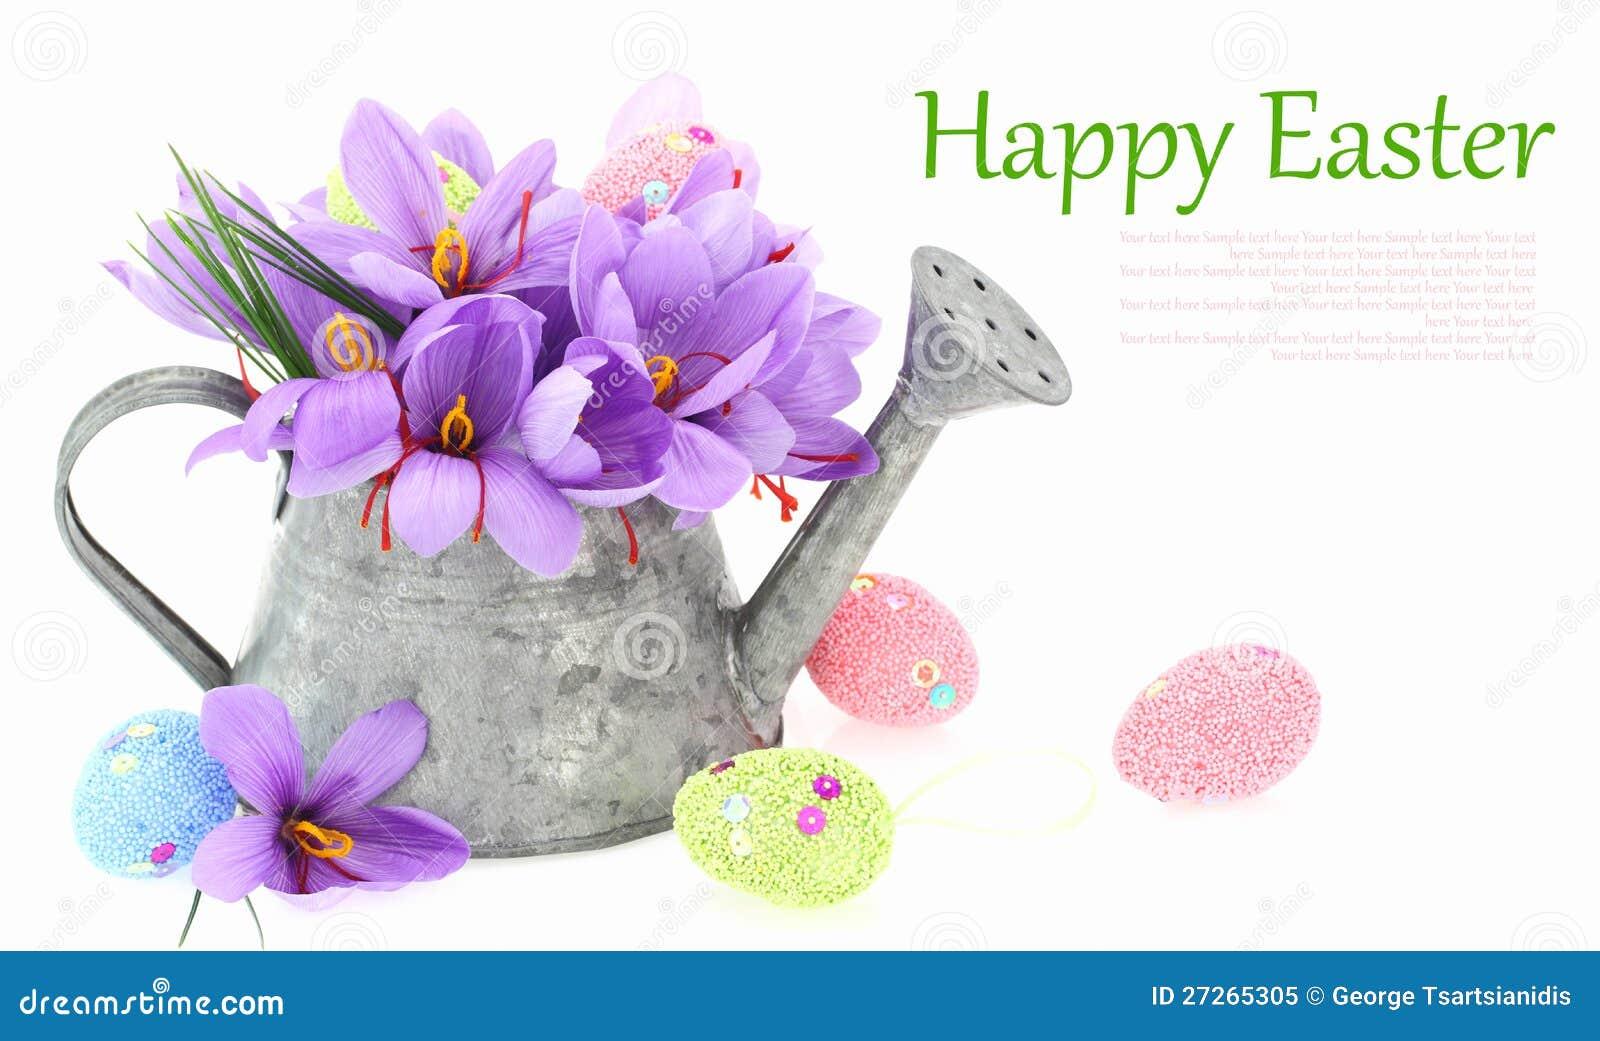 Ovos de Easter e flores do aç6frão